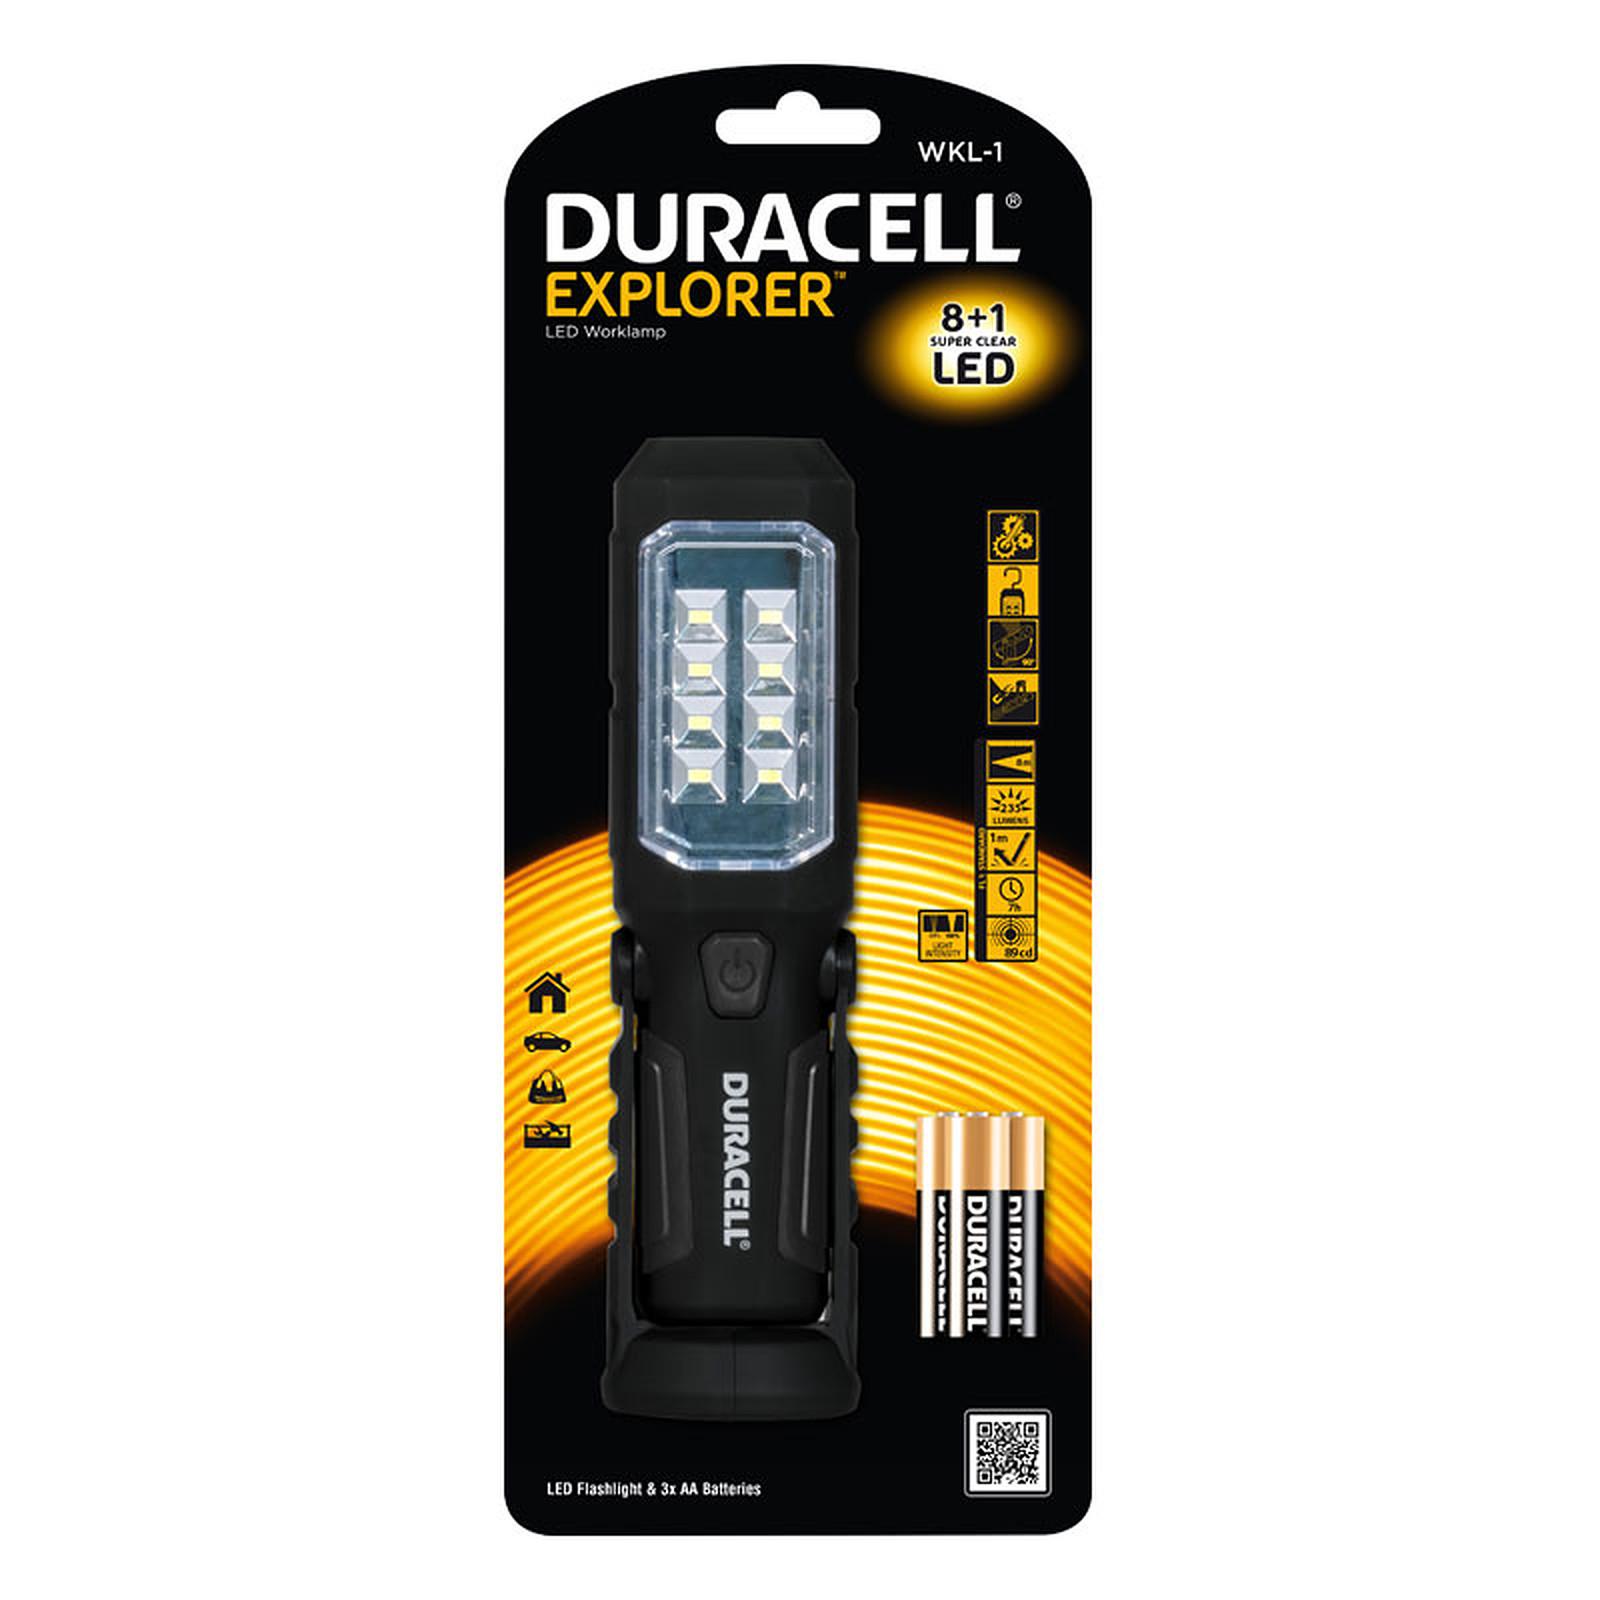 Duracell Explorer WKL-1